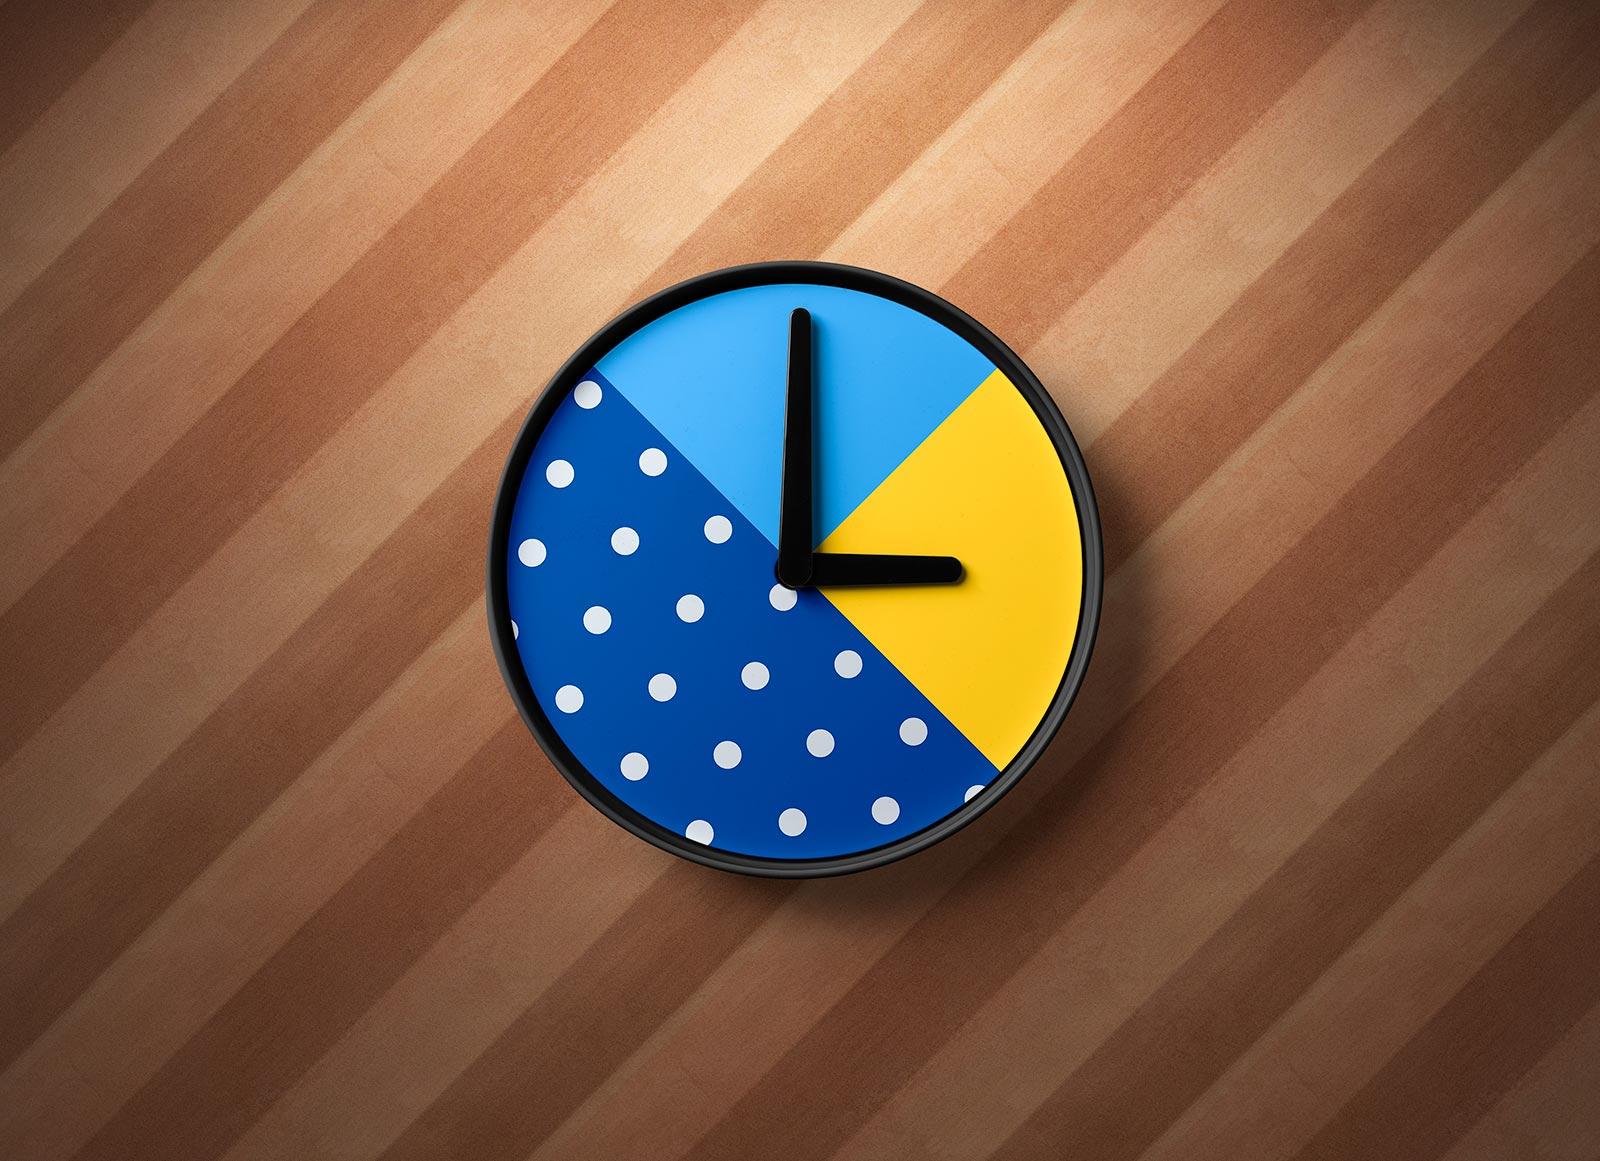 Free-Rounded-Shape-Wall-Clock-Mockup-PSD